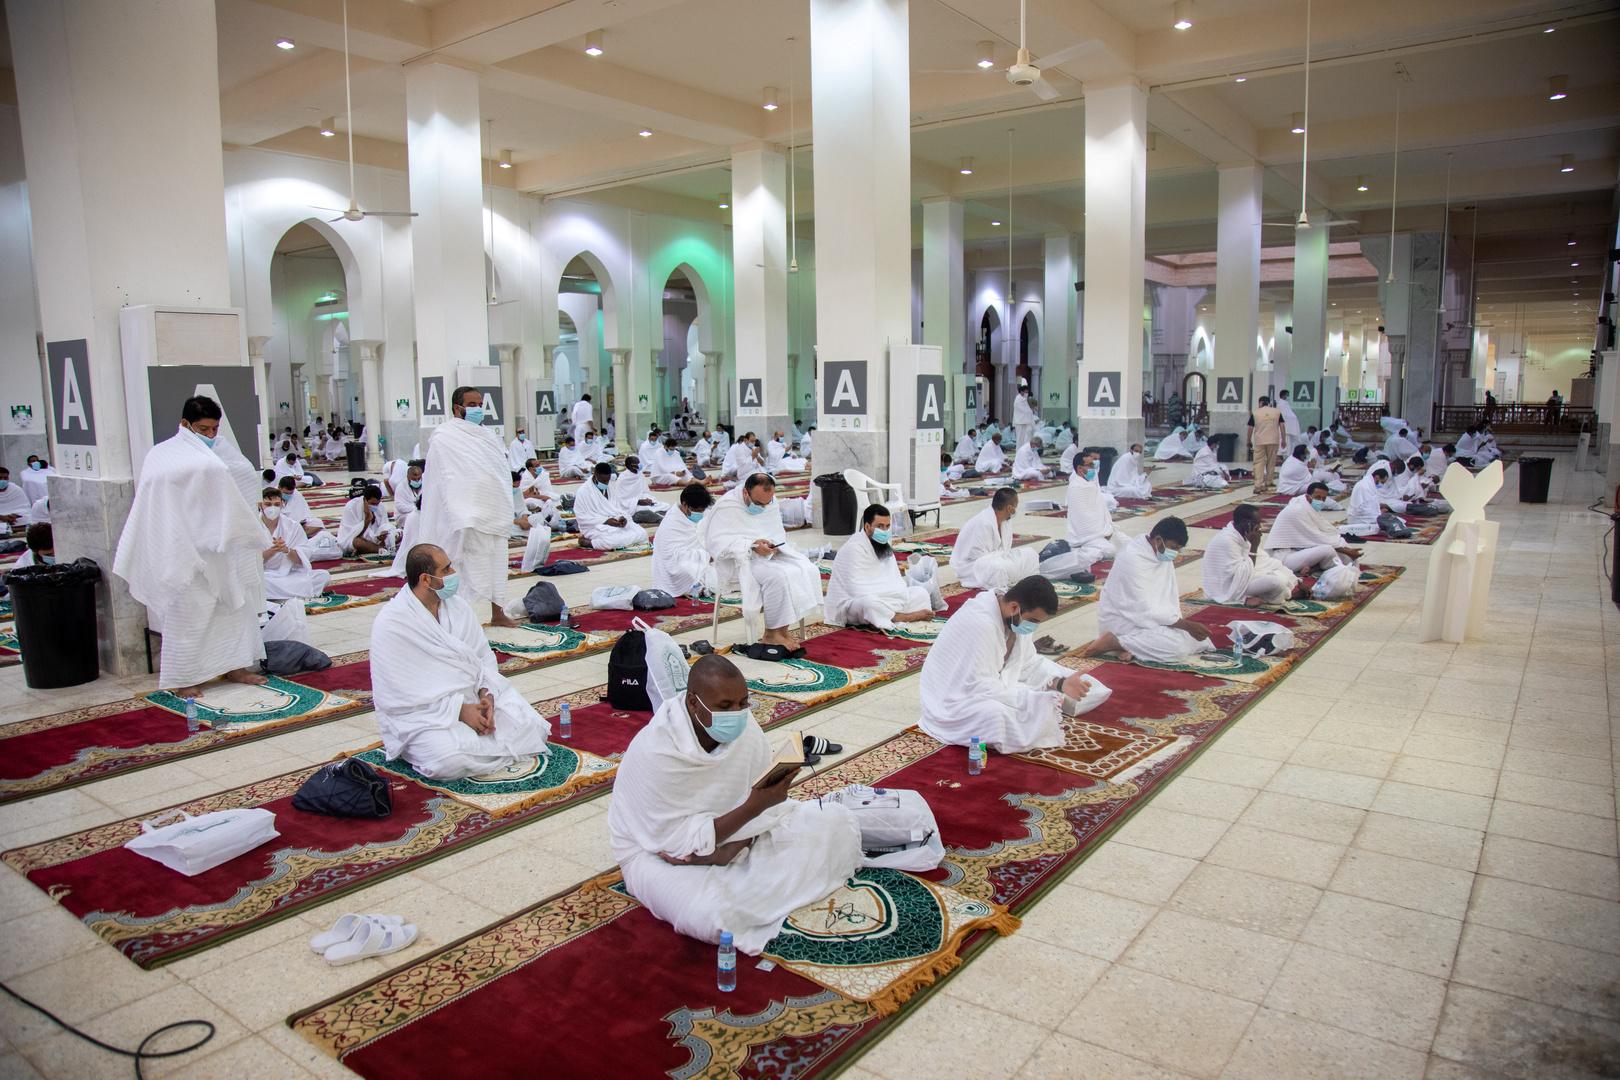 7 إجراءات.. السعودية تحدث كافة البروتوكولات الصحية في المساجد